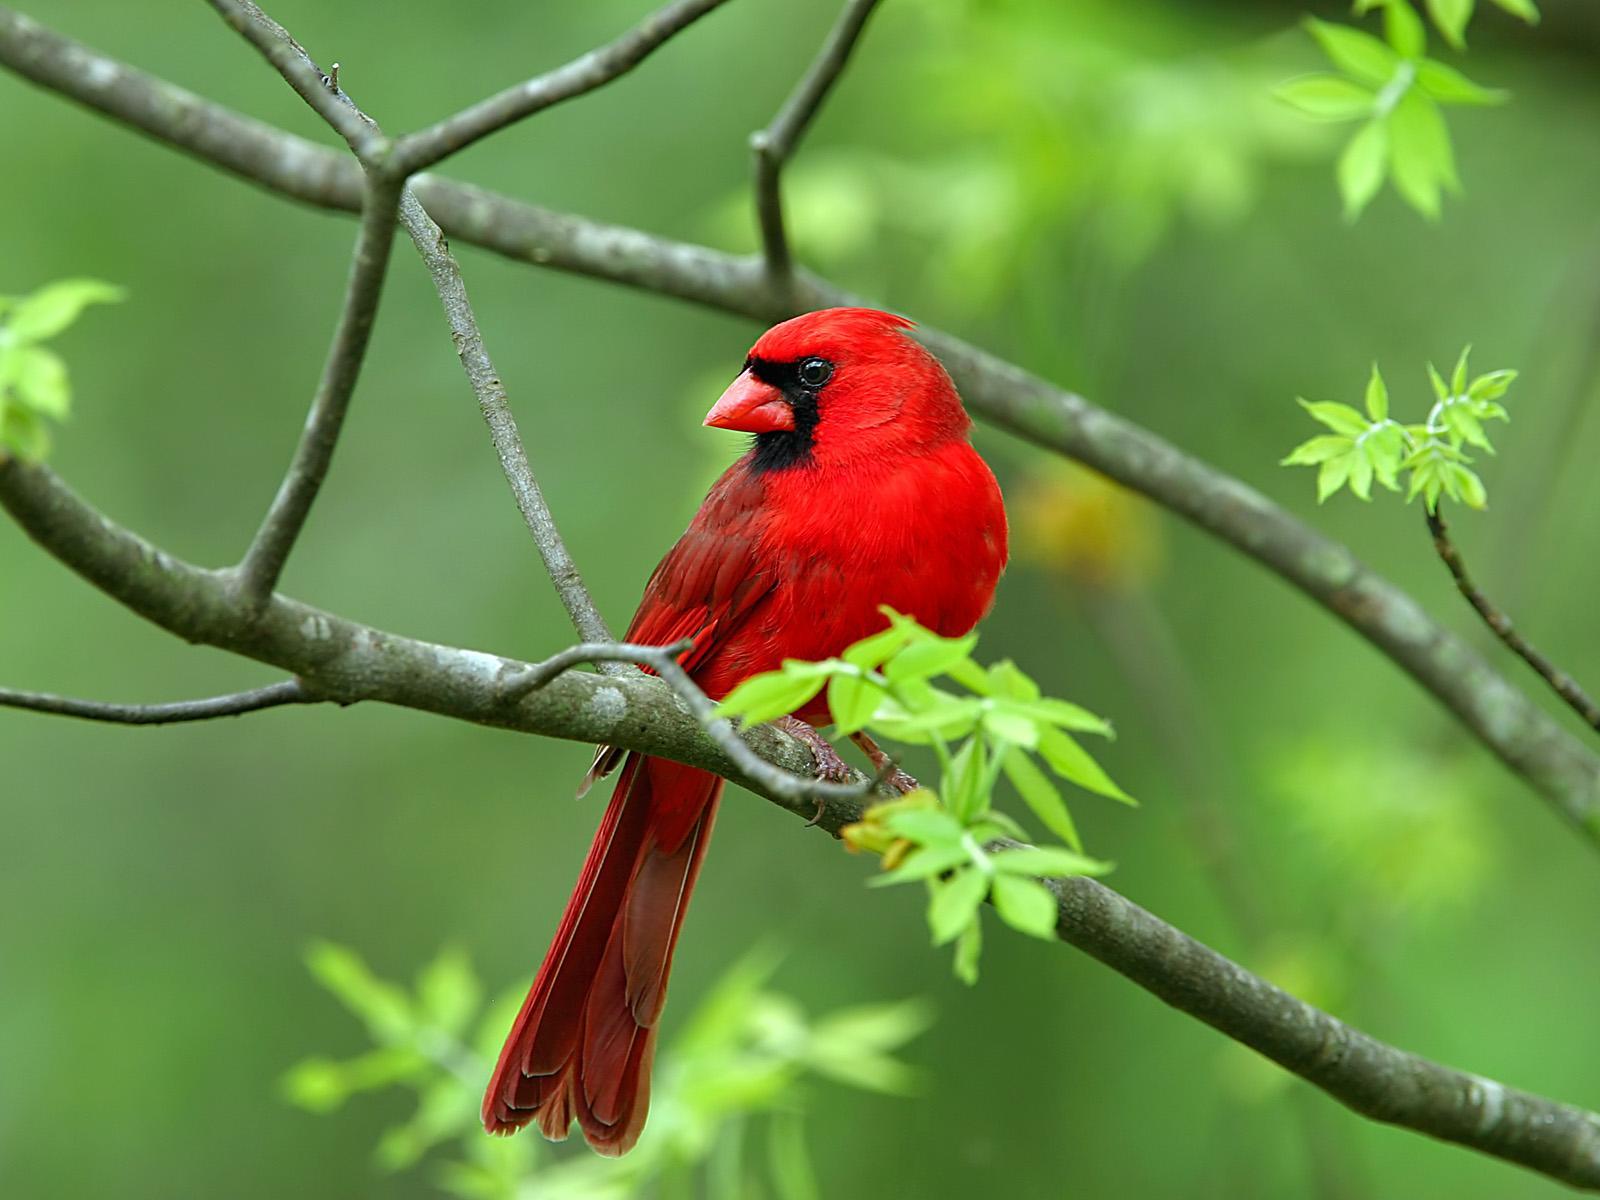 Hình nền Chim 02redwildbird